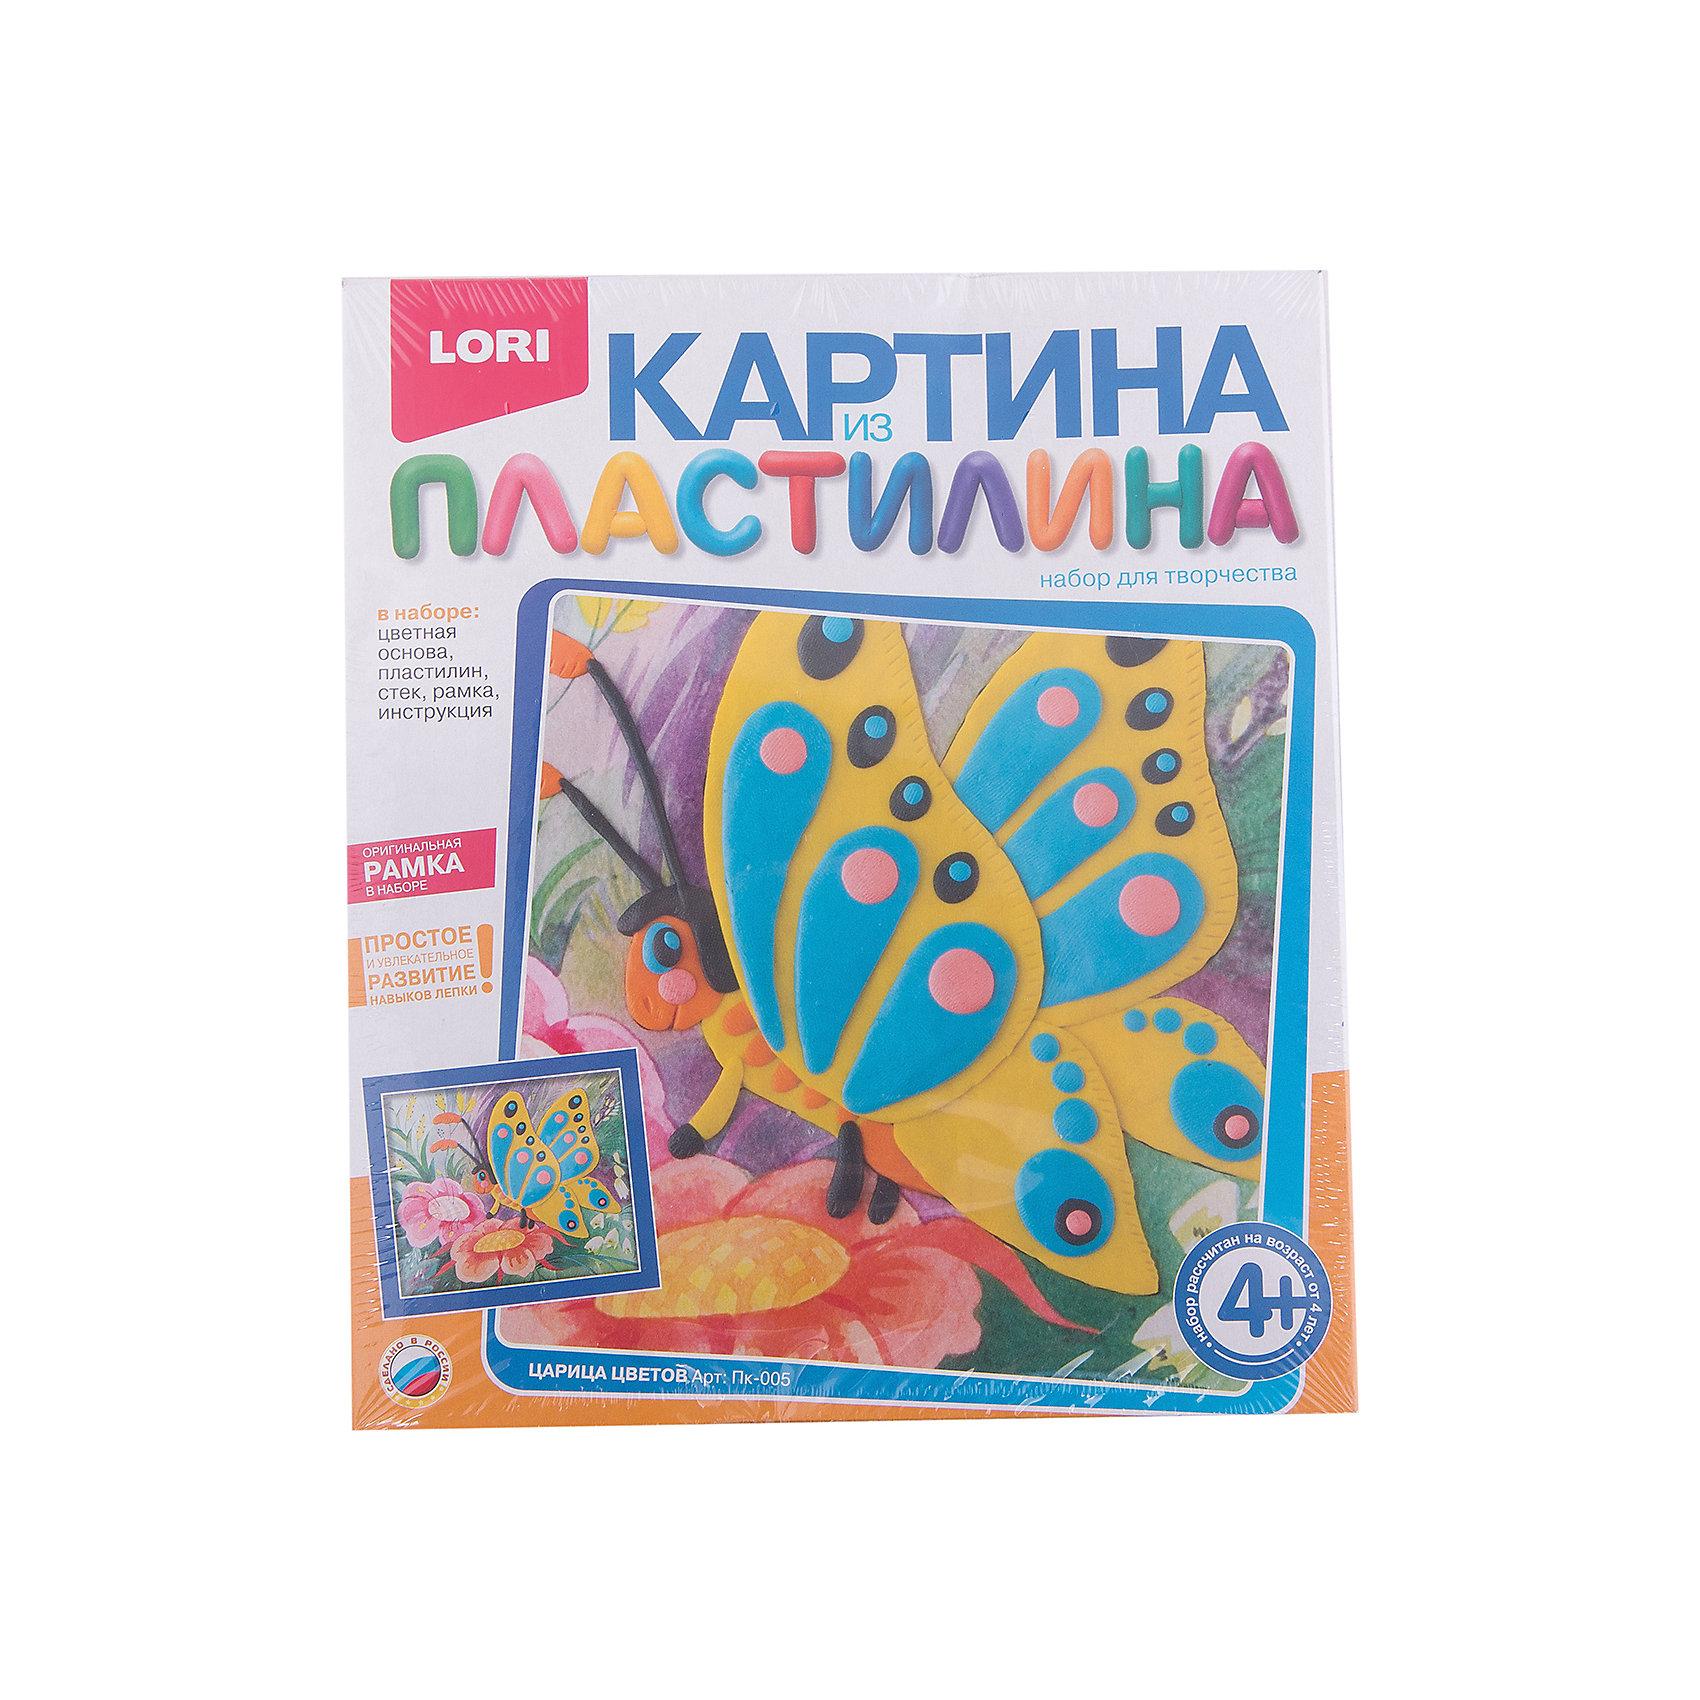 Картина из пластилина Царица цветовЛепка<br>Характеристики товара:<br><br>• цвет: разноцветный<br>• размер упаковки: 22х20х4 см<br>• материал: пластилин<br>• вес: 540 г<br>• комплектация: цветная основа, пластилин, стек, рамка, инструкция<br>• возраст: от трех лет<br>• упаковка: картонная коробка<br>• страна бренда: РФ<br>• страна изготовитель: РФ<br><br>Творчество - это увлекательно и полезно! Такой набор станет отличным подарком ребенку - ведь с помощью него можно получить красивую картину! В набор входит цветная основа, пластилин, стек, рамка, инструкция. Чтобы сделать картину, ребенку нужно заполнить основу цветным пластилином. В итоге получается красивая картинка или подарок родным.<br>Детям очень нравится что-то делать своими руками! Кроме того, творчество помогает детям развивать важные навыки и способности, оно активизирует мышление, формирует усидчивость, творческие способности, мелкую моторику и воображение. Изделие производится из качественных и проверенных материалов, которые безопасны для детей.<br><br>Набор Картина из пластилина Царица цветов от бренда LORI можно купить в нашем интернет-магазине.<br><br>Ширина мм: 230<br>Глубина мм: 200<br>Высота мм: 40<br>Вес г: 536<br>Возраст от месяцев: 48<br>Возраст до месяцев: 84<br>Пол: Женский<br>Возраст: Детский<br>SKU: 5154898